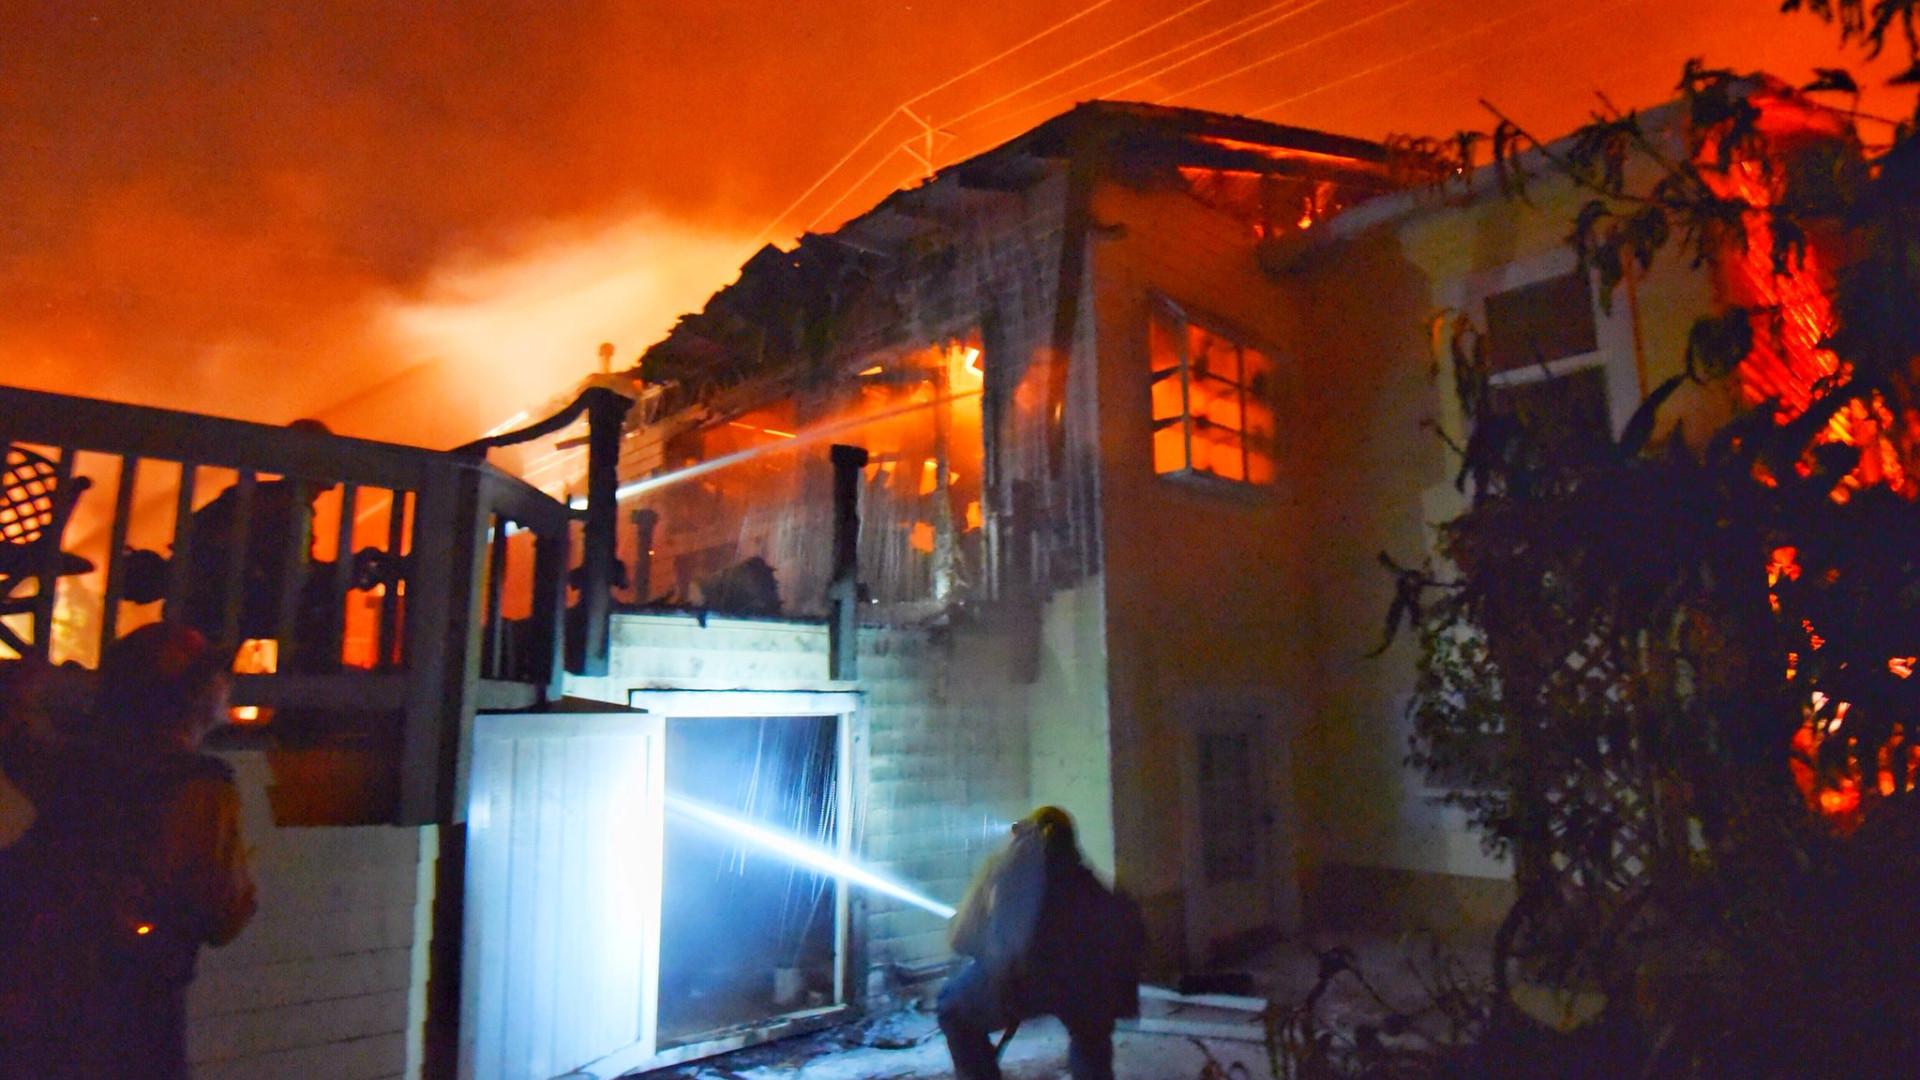 Autoridades da Califórnia autorizam regresso de residentes após incêndios